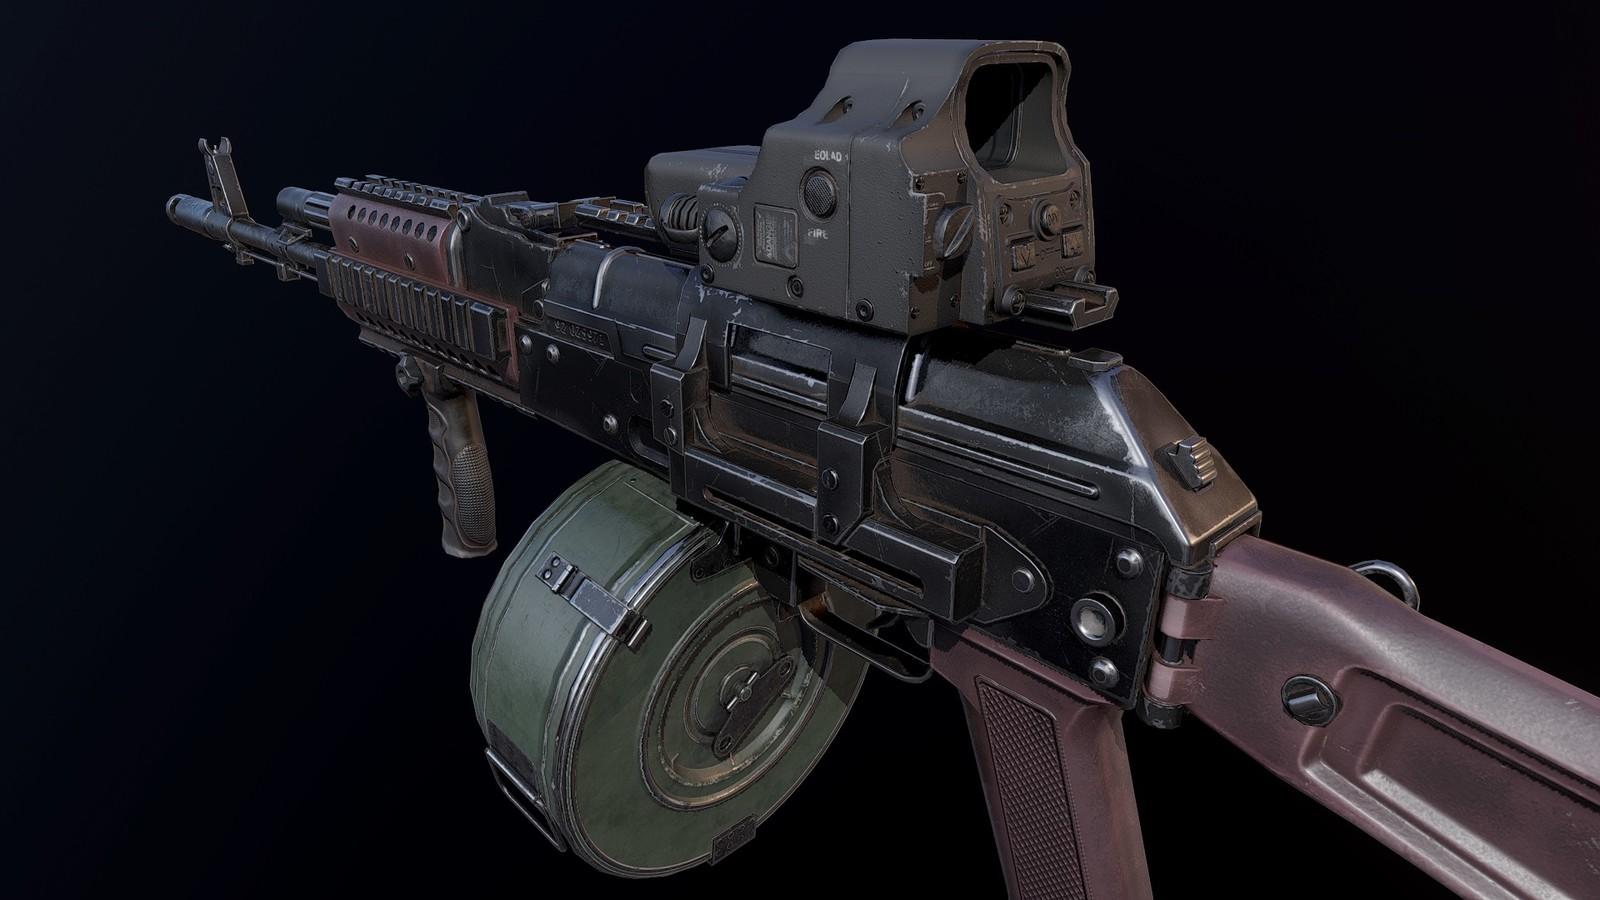 AK 74M